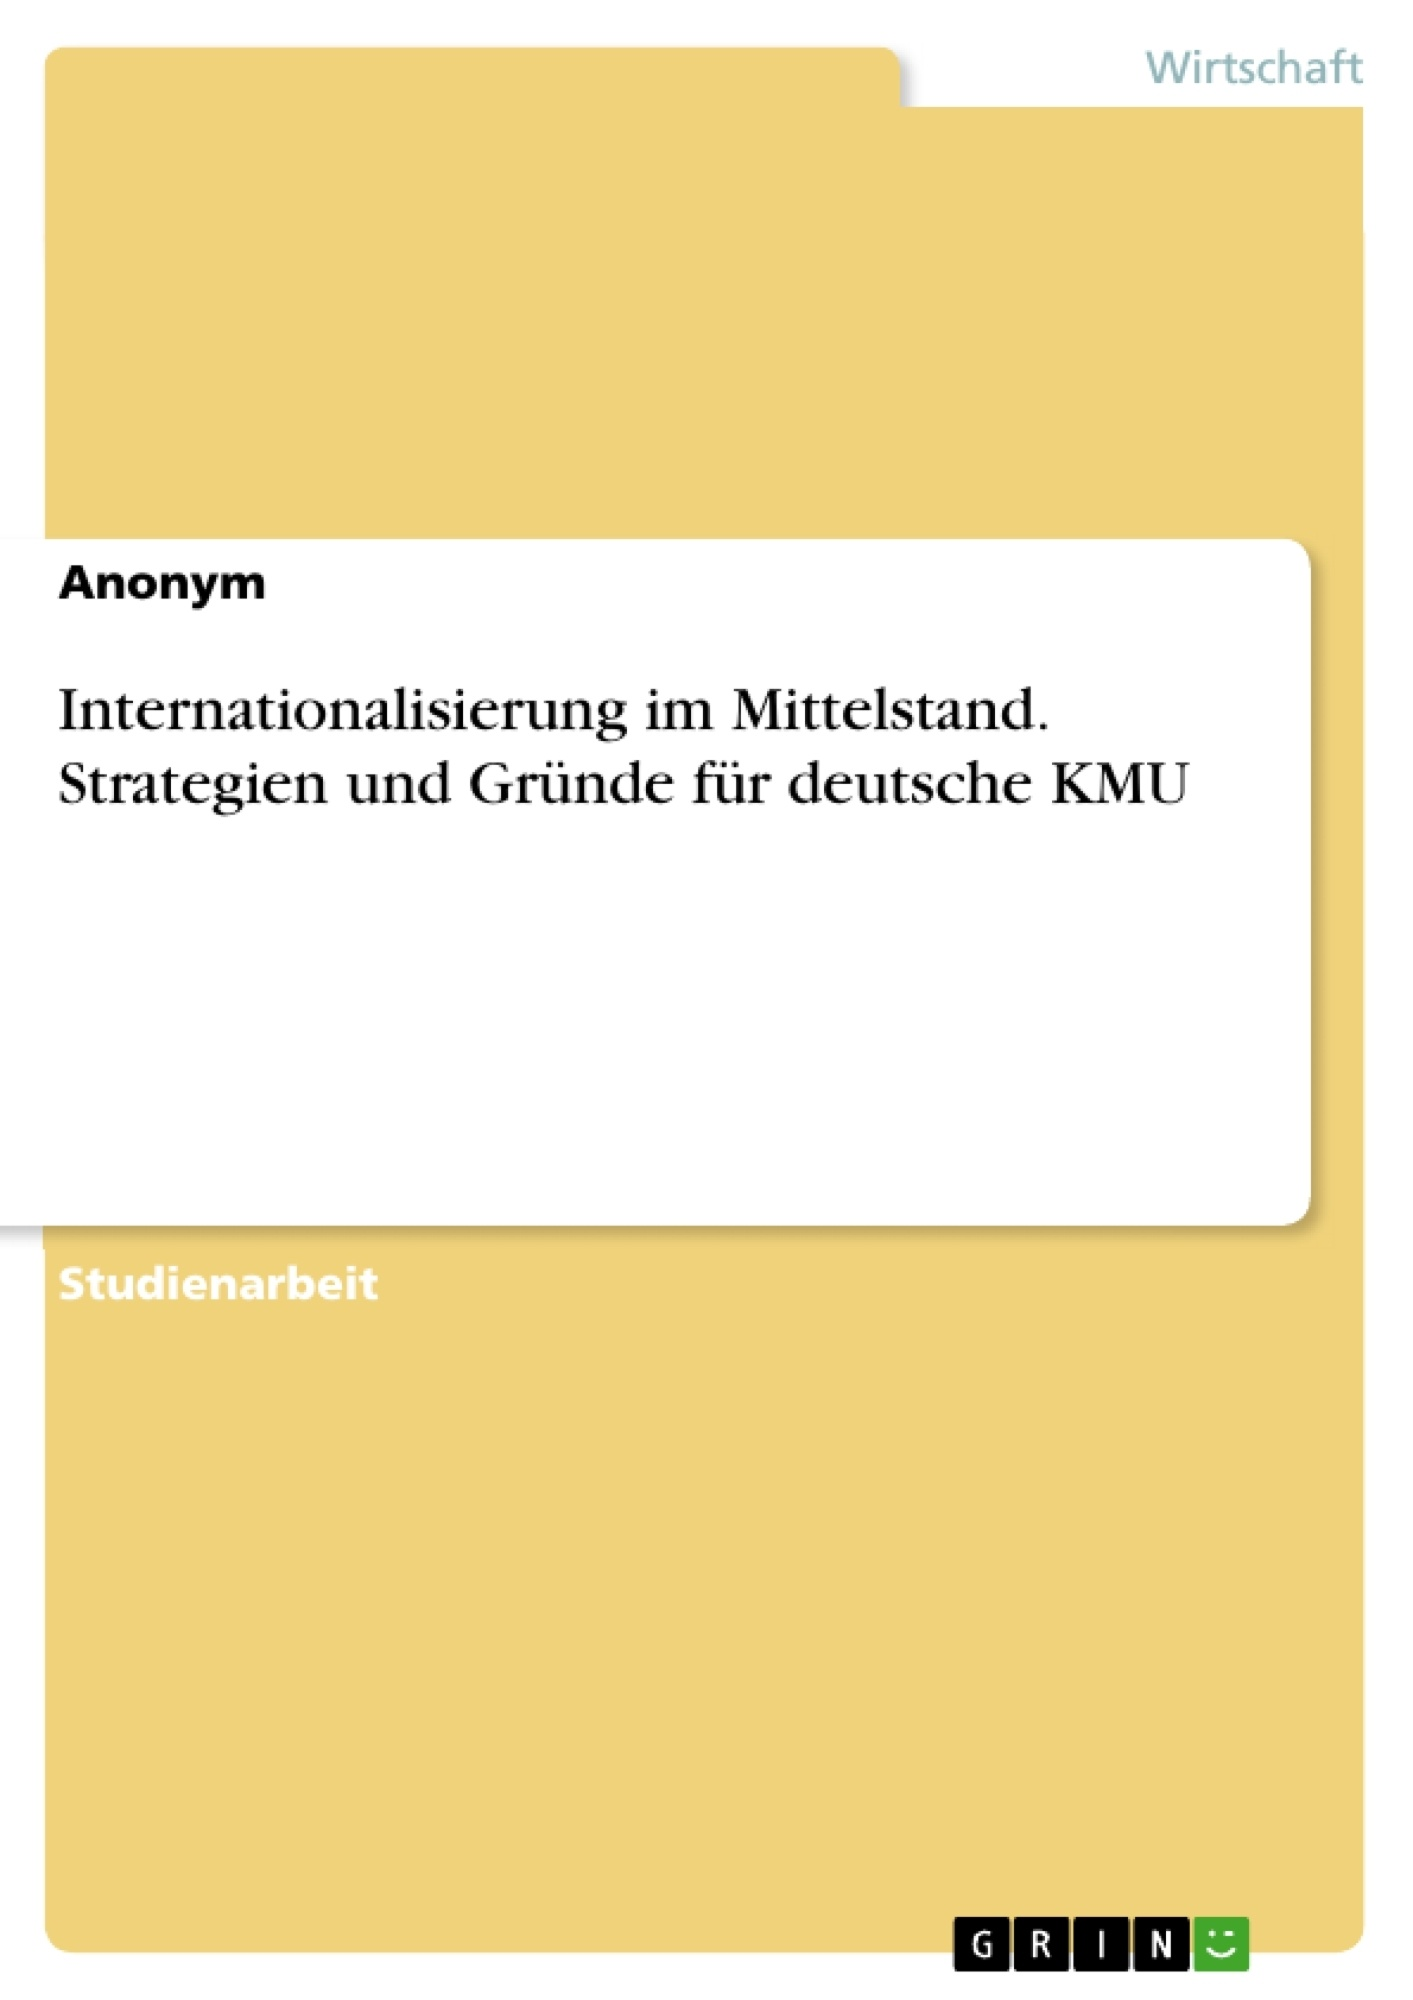 Titel: Internationalisierung im Mittelstand. Strategien und Gründe für deutsche KMU